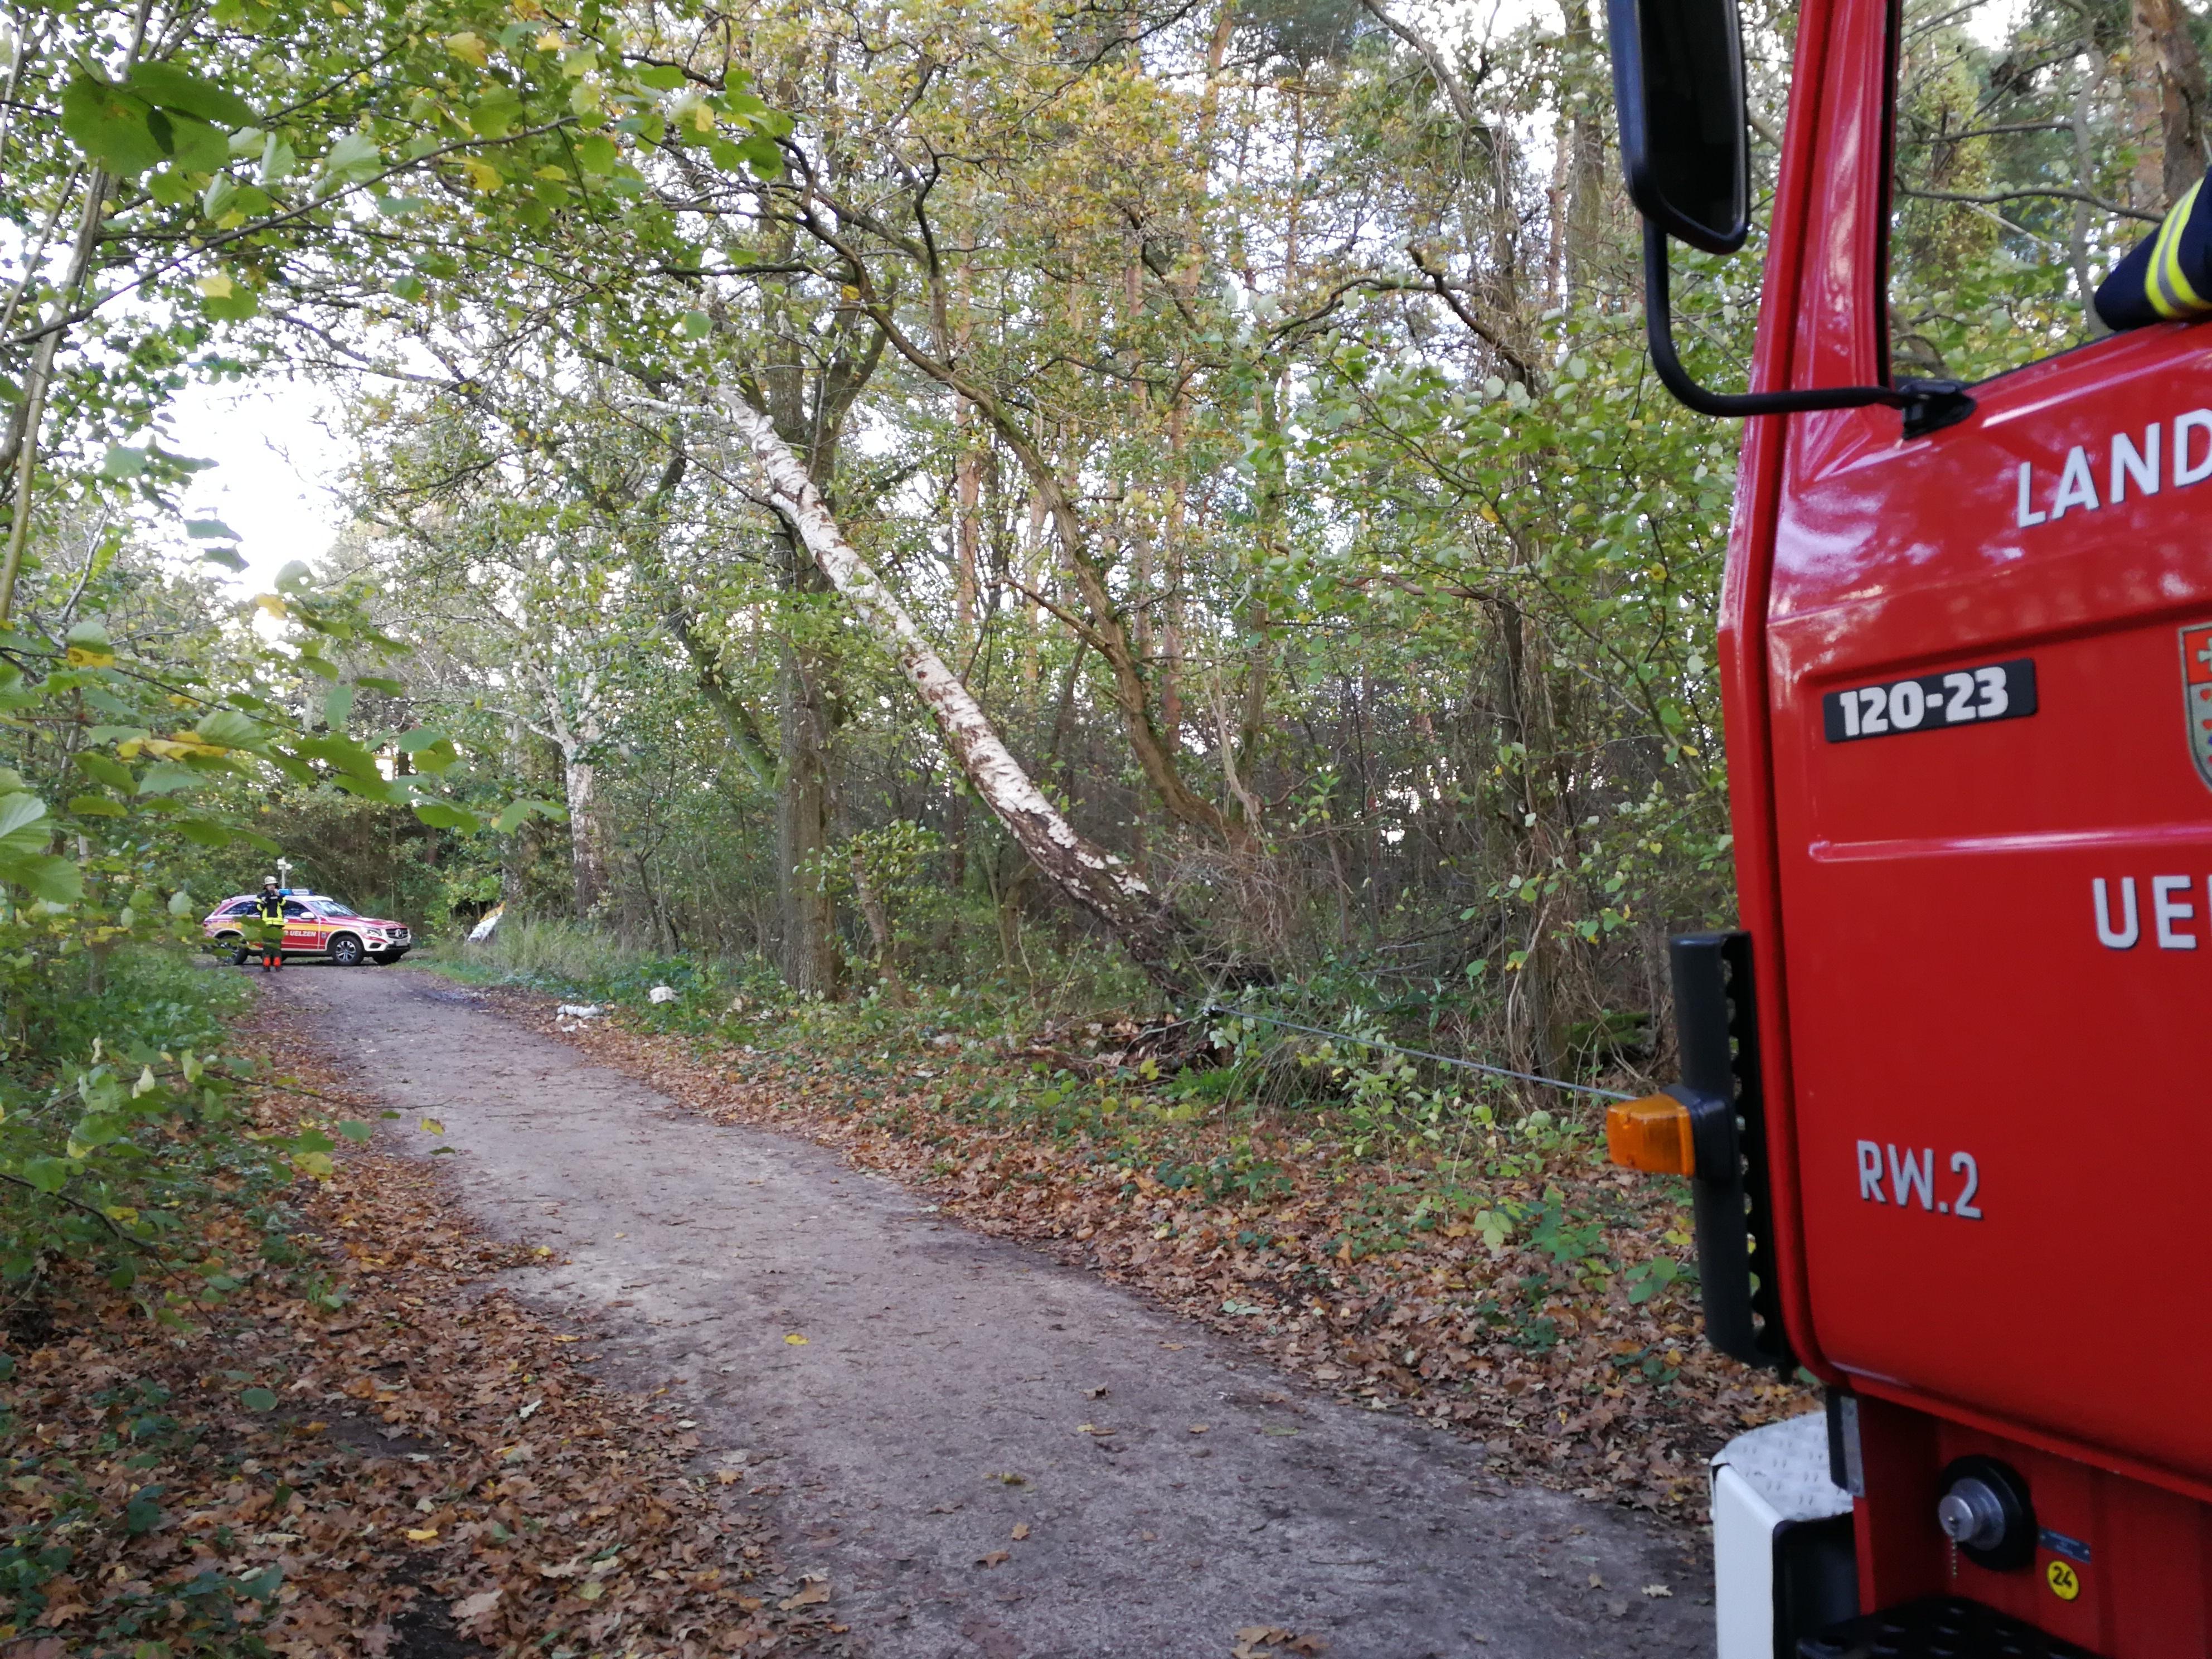 301. Hilfeleistung - - Mehrere Bäume drohen auf Gehweg zu fallen